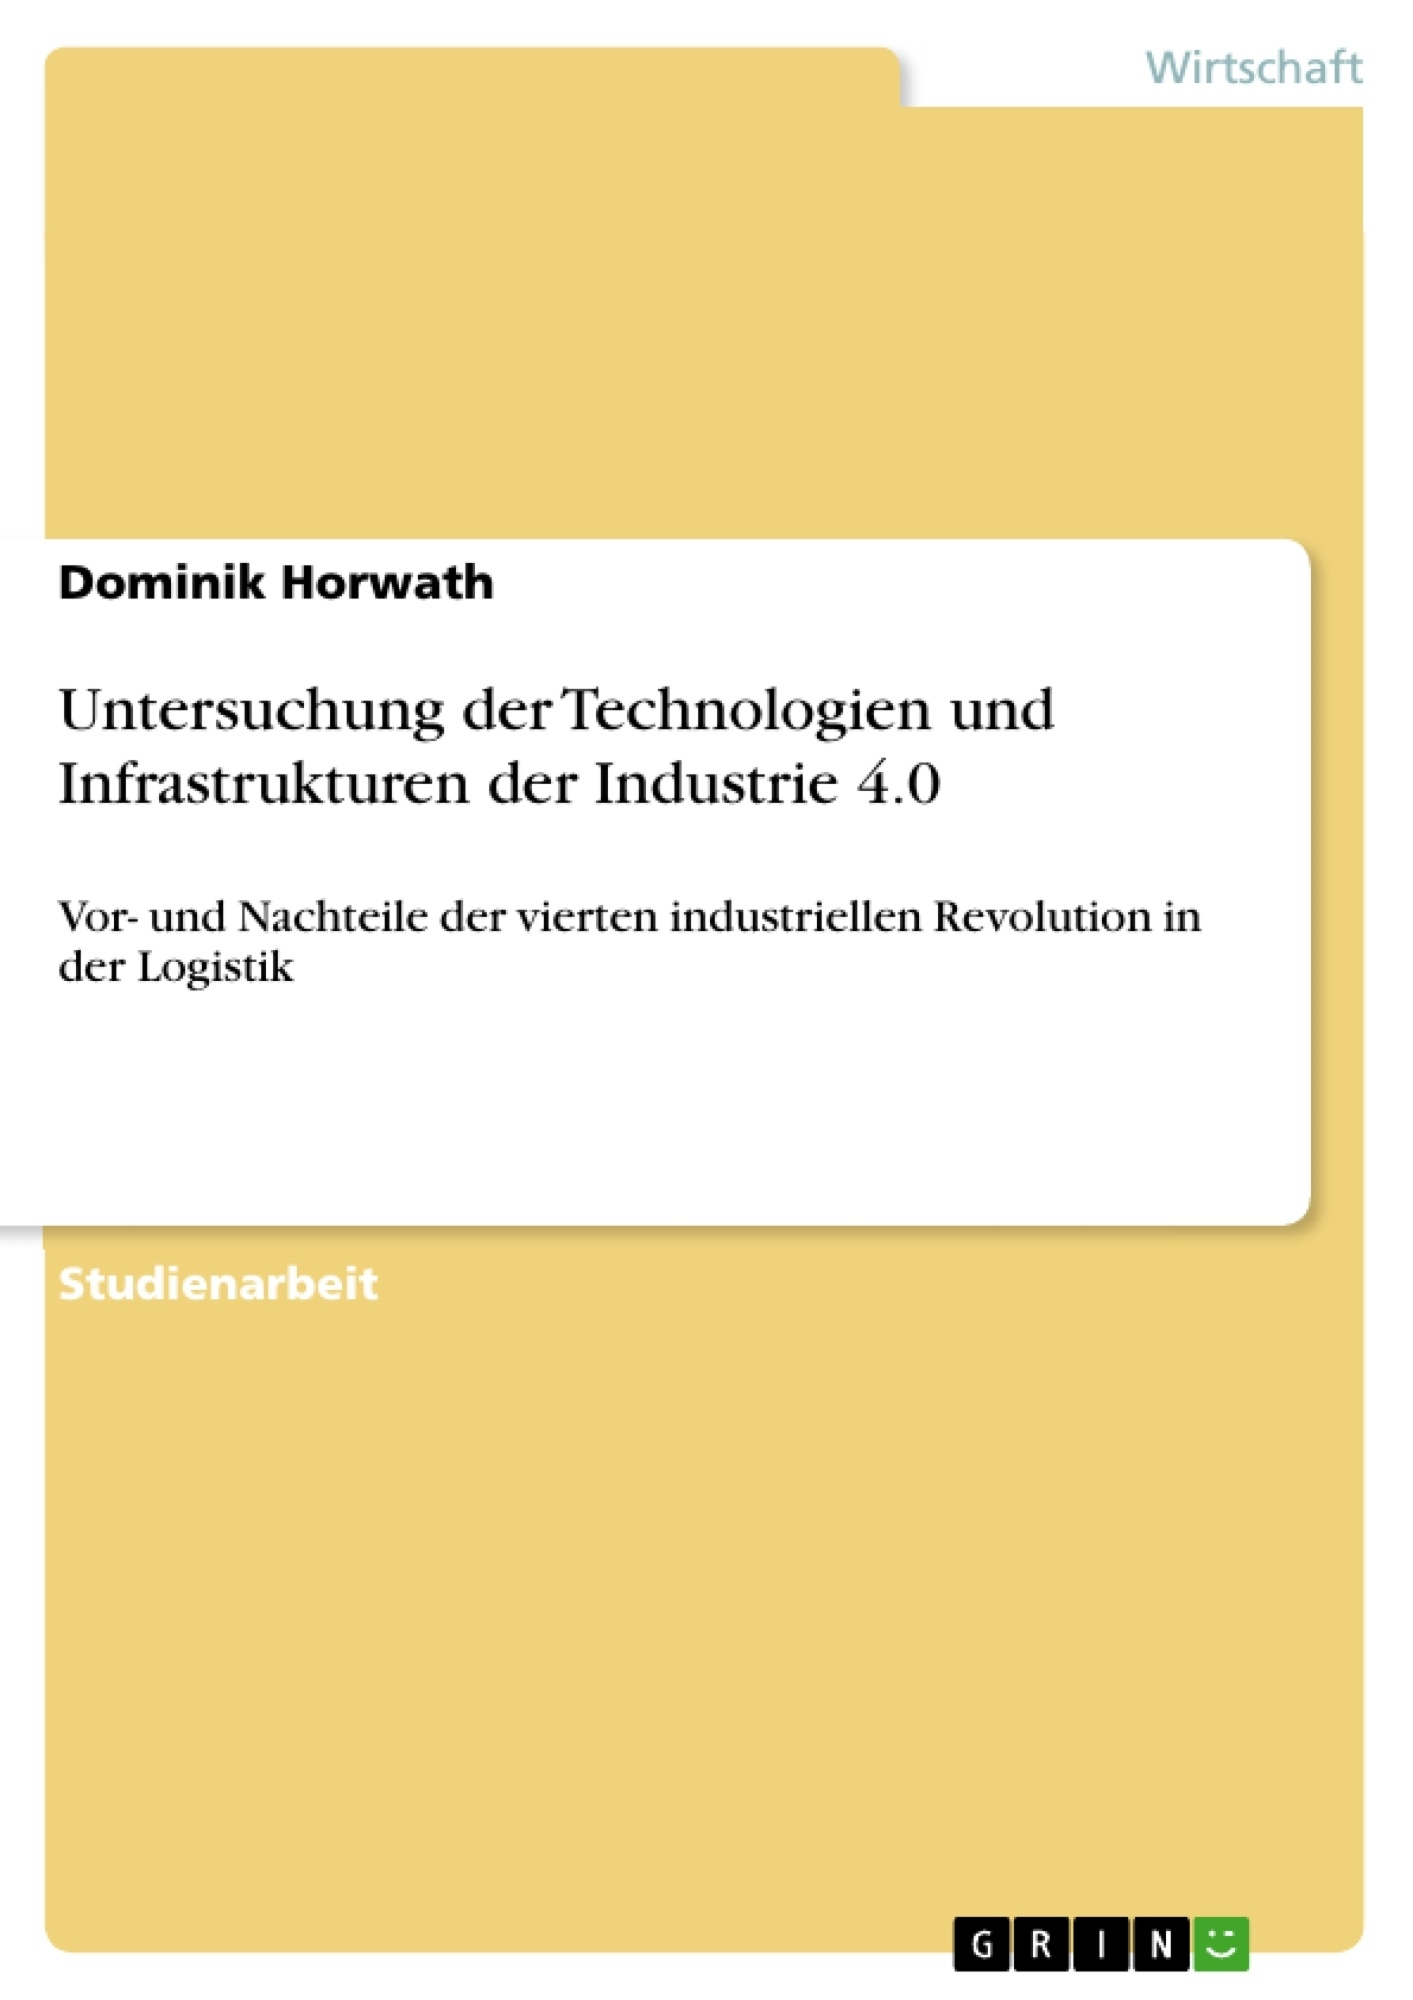 Titel: Untersuchung der Technologien und Infrastrukturen der Industrie 4.0